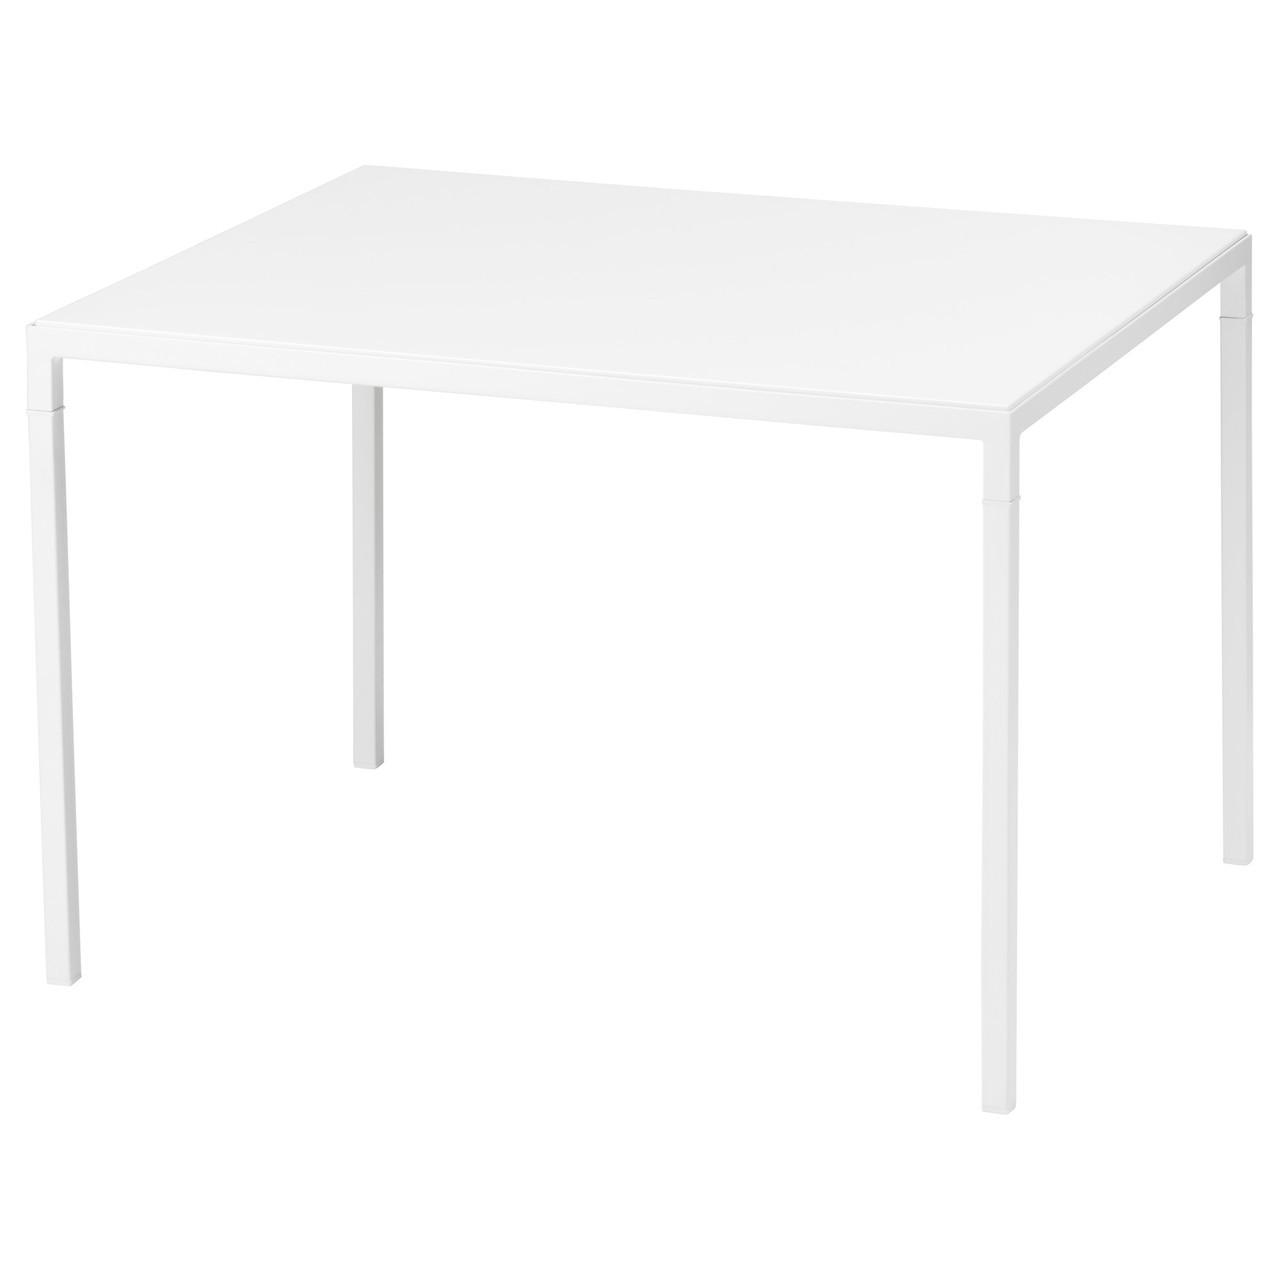 НИБОДА Журнальный столик со столешницей, белый/серый, 75x60x50 см 40342638 ИКЕА, IKEA, NYBODA